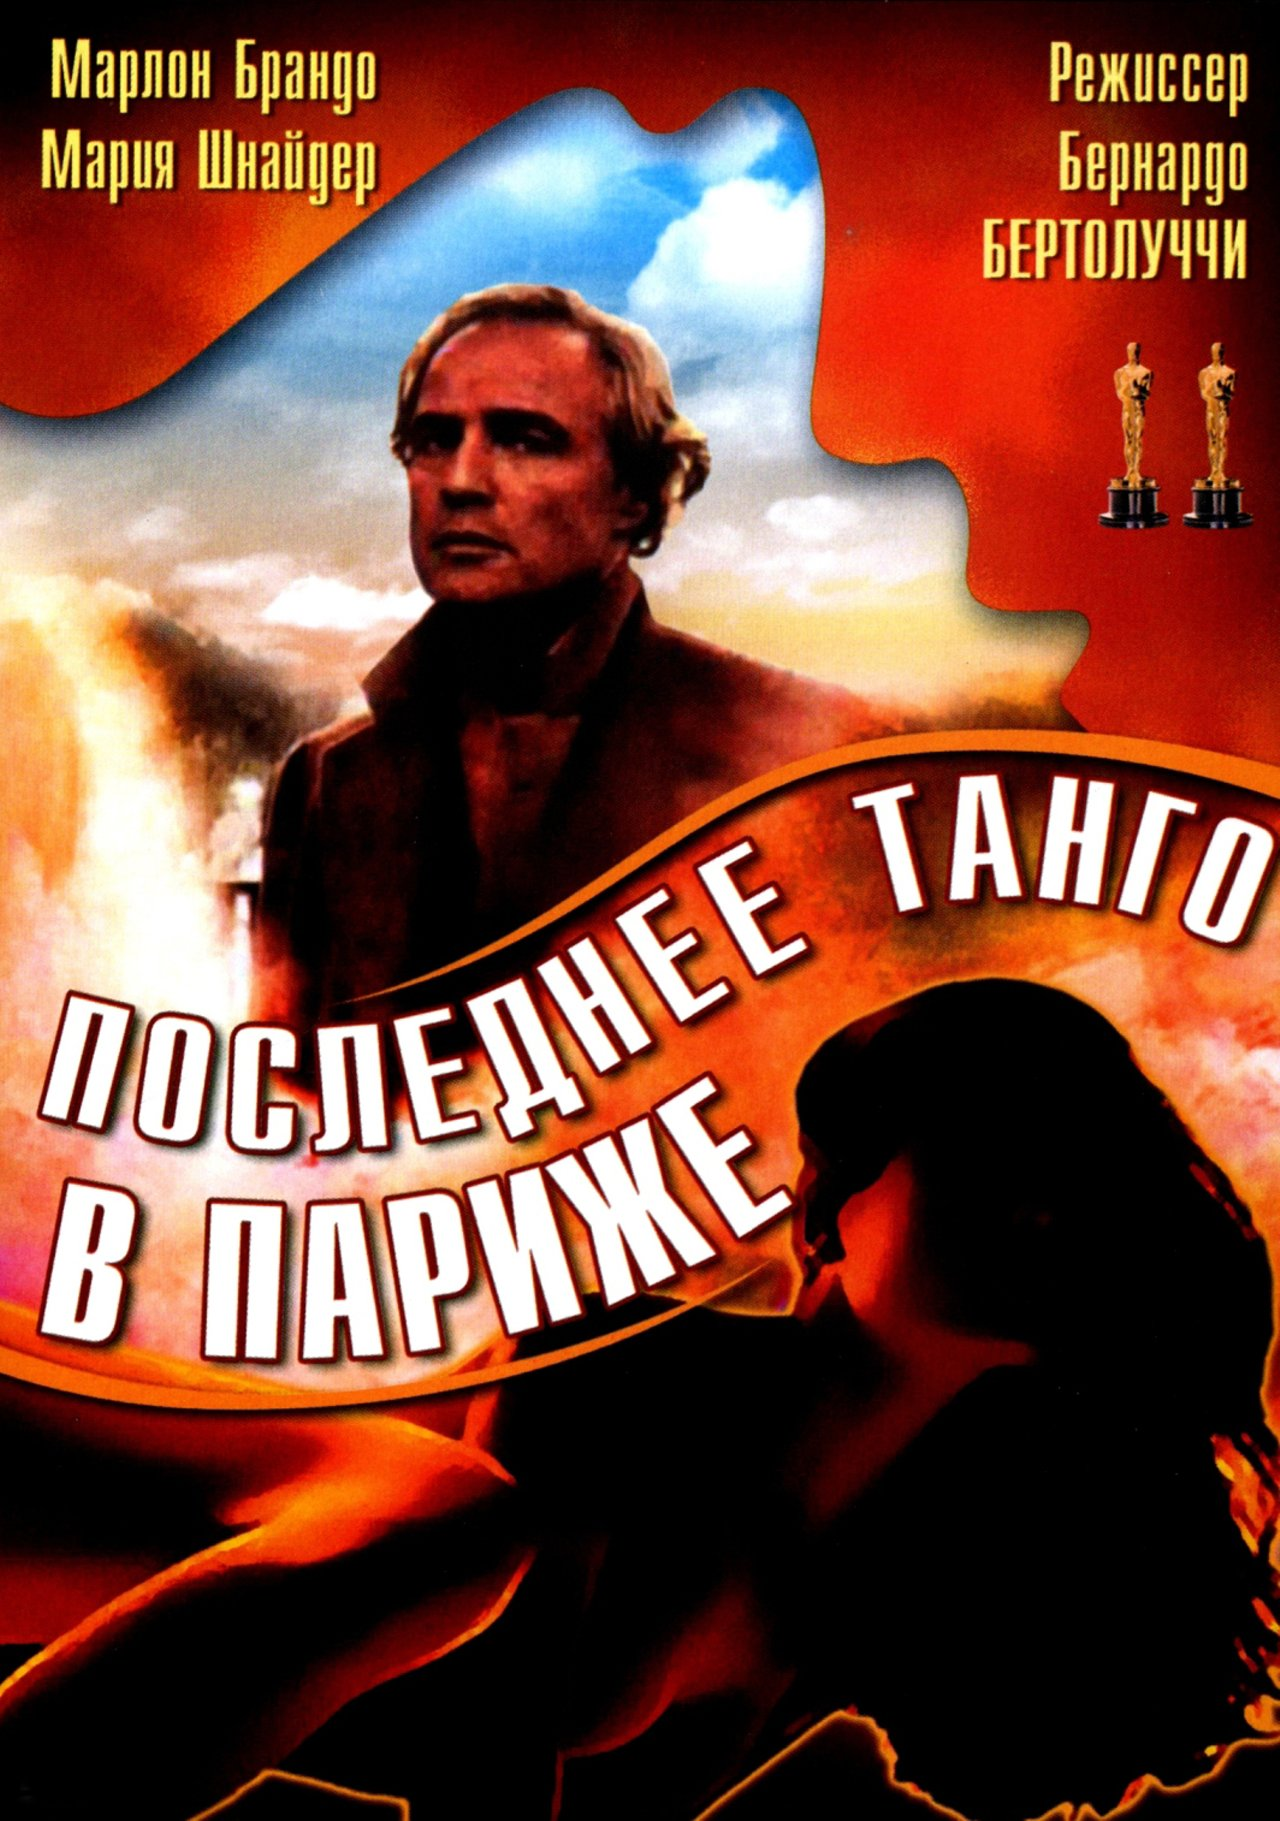 Русский порнографичный фильм анжелика